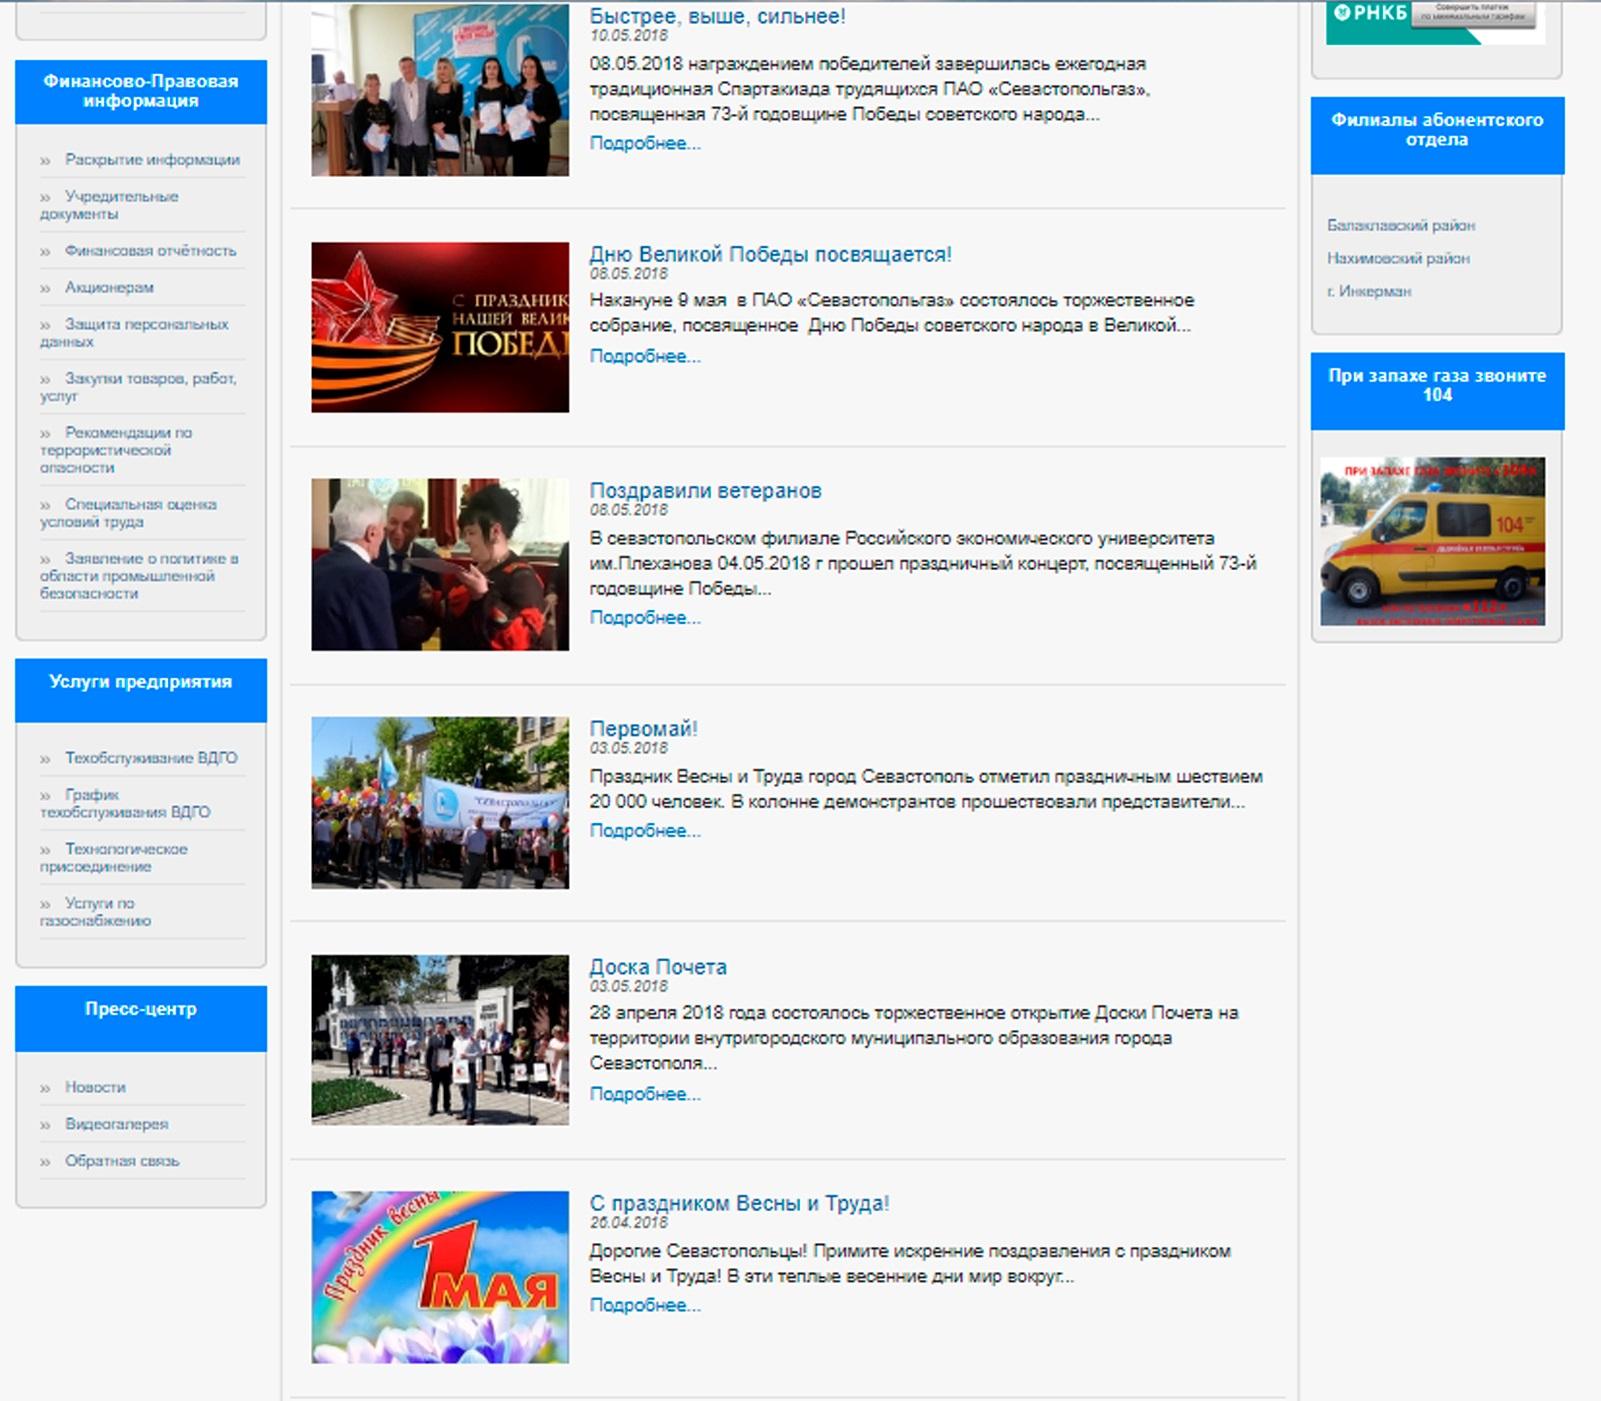 Официальный сайт ПАО «Севастопольгаз»